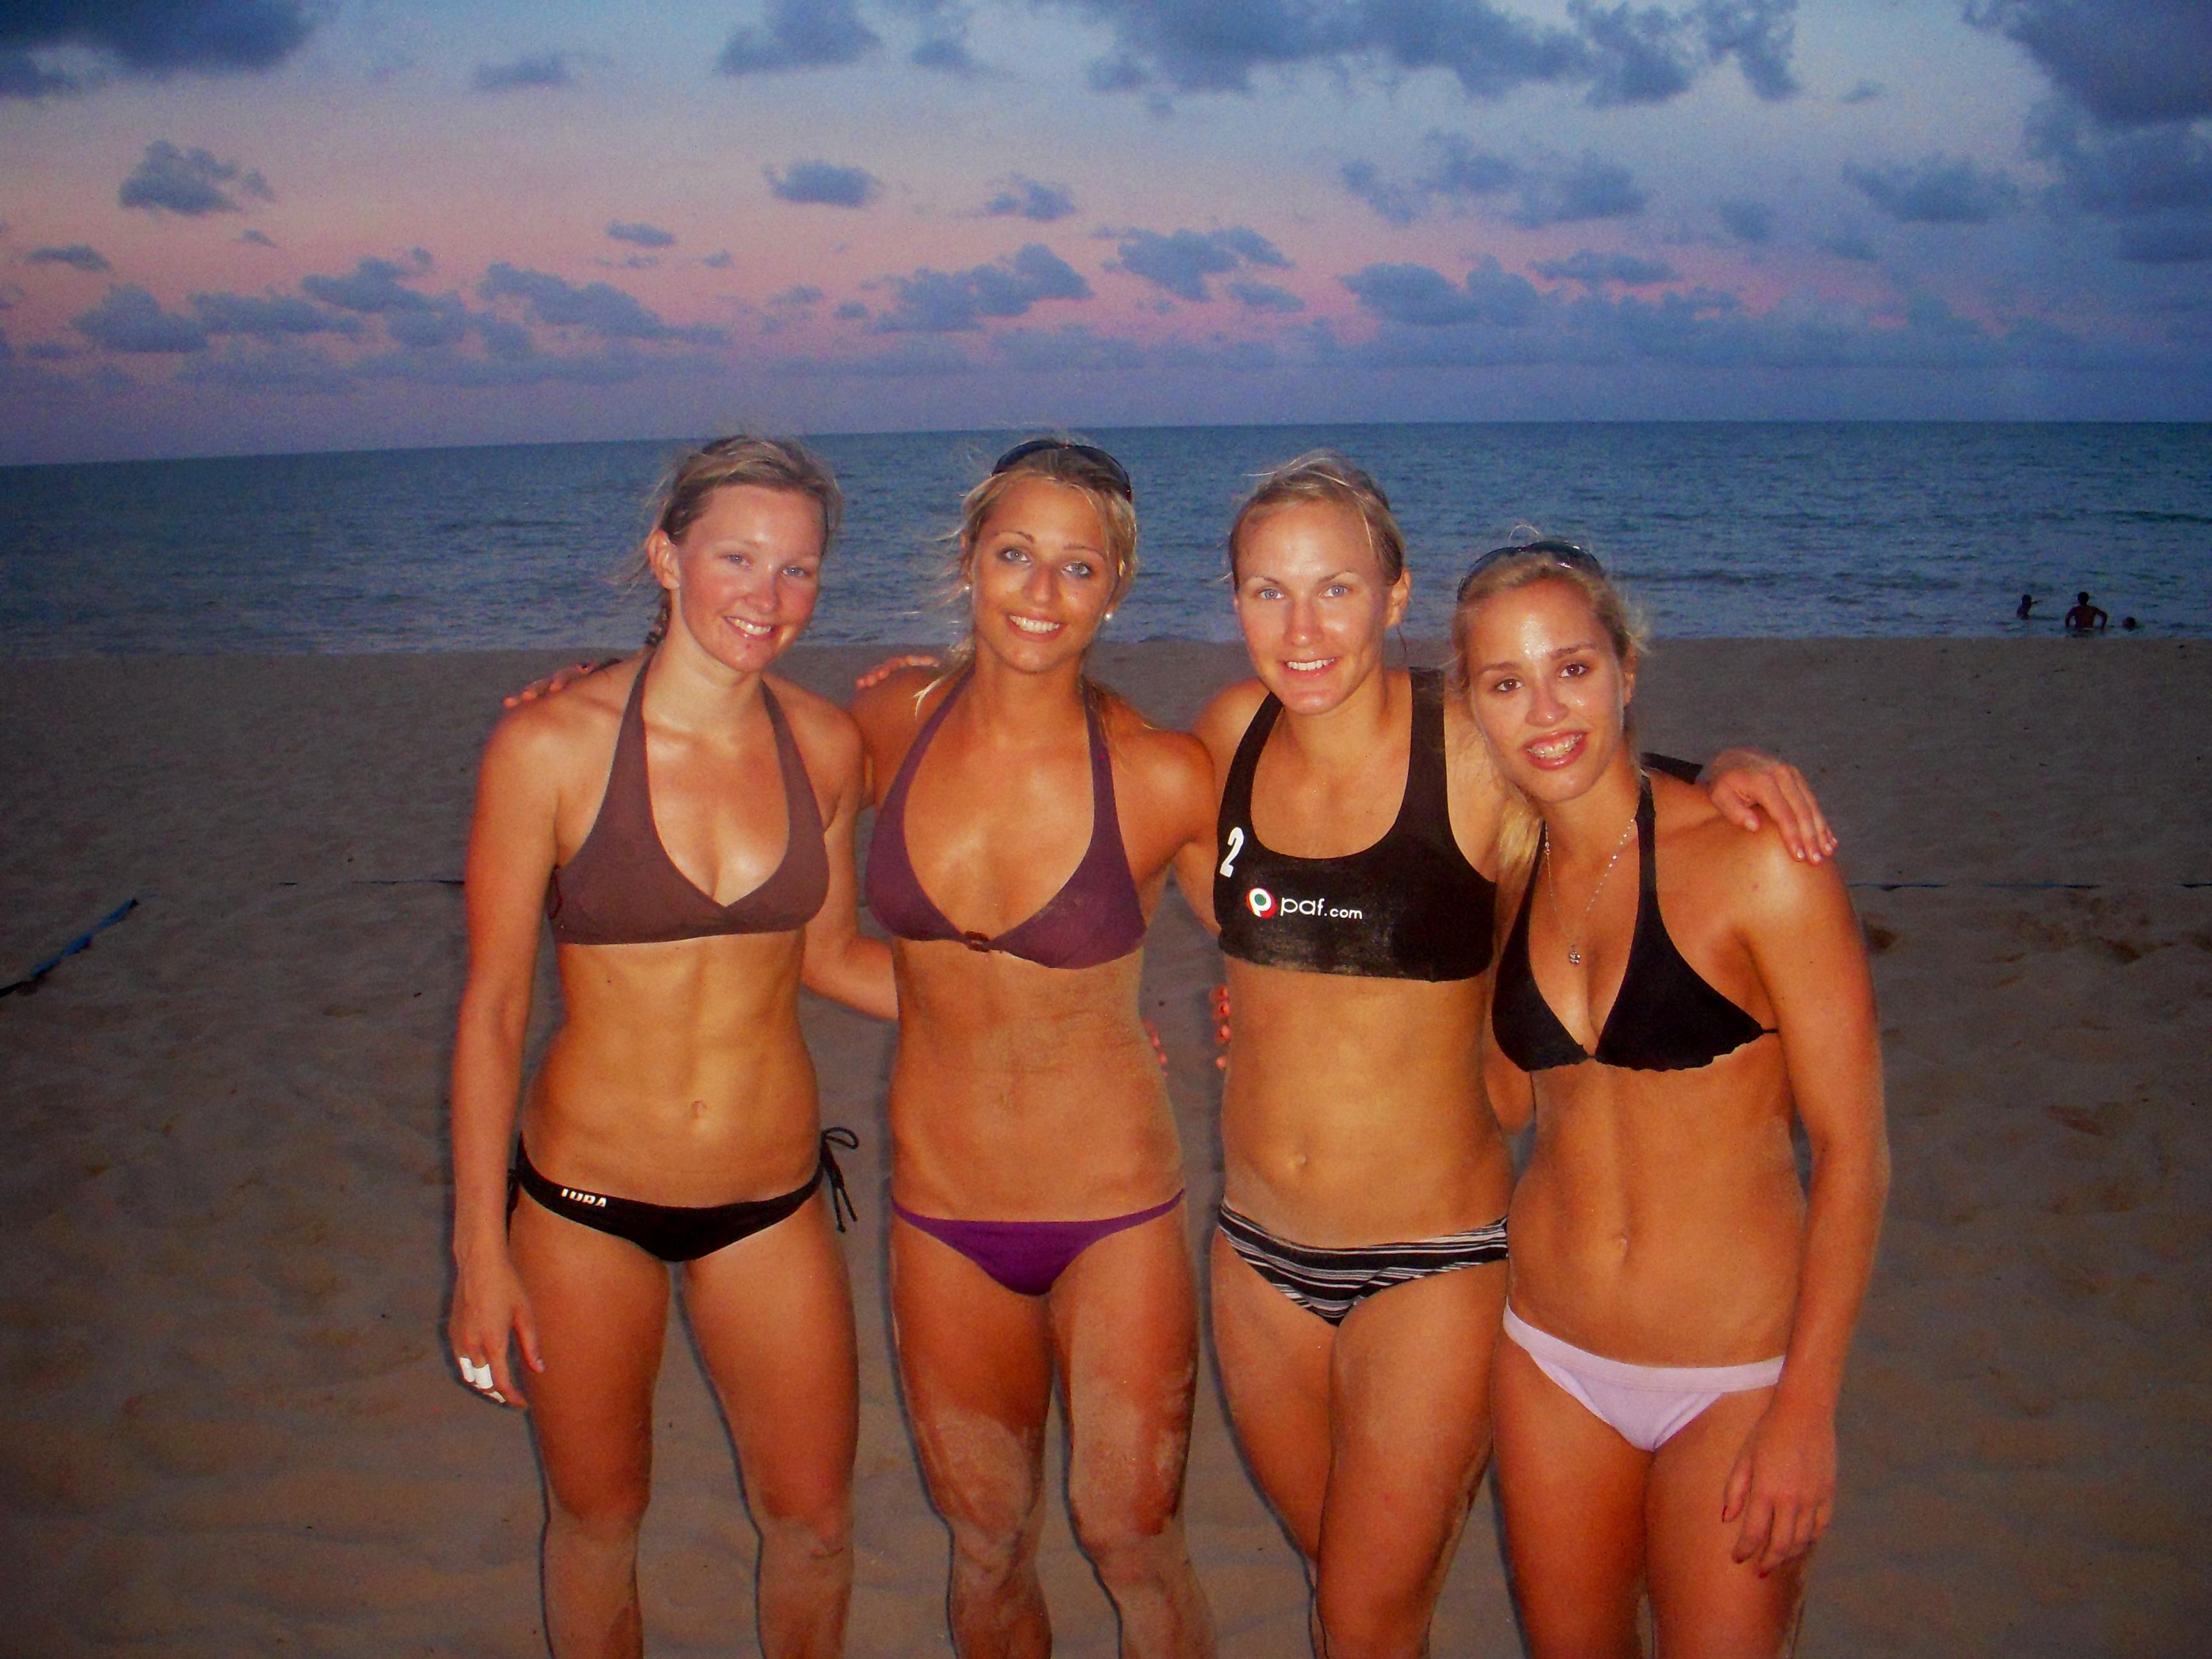 svenska escort tjejer tjejer på stranden